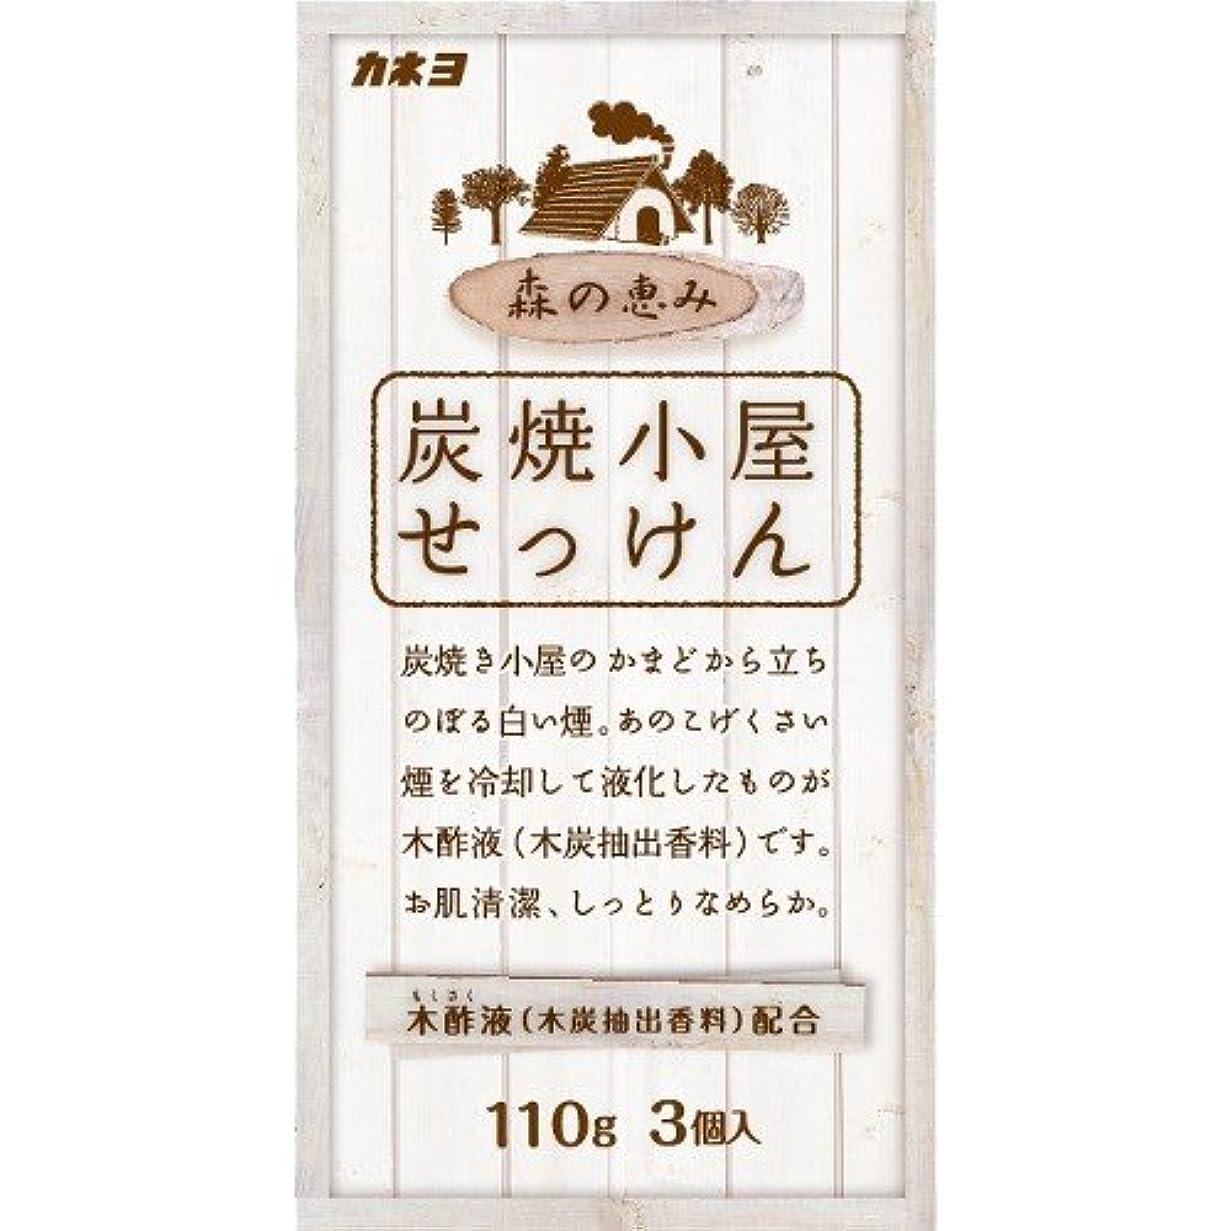 タフ発生器コーラスカネヨ石鹸 炭焼小屋 化粧石けん 110g×3個入